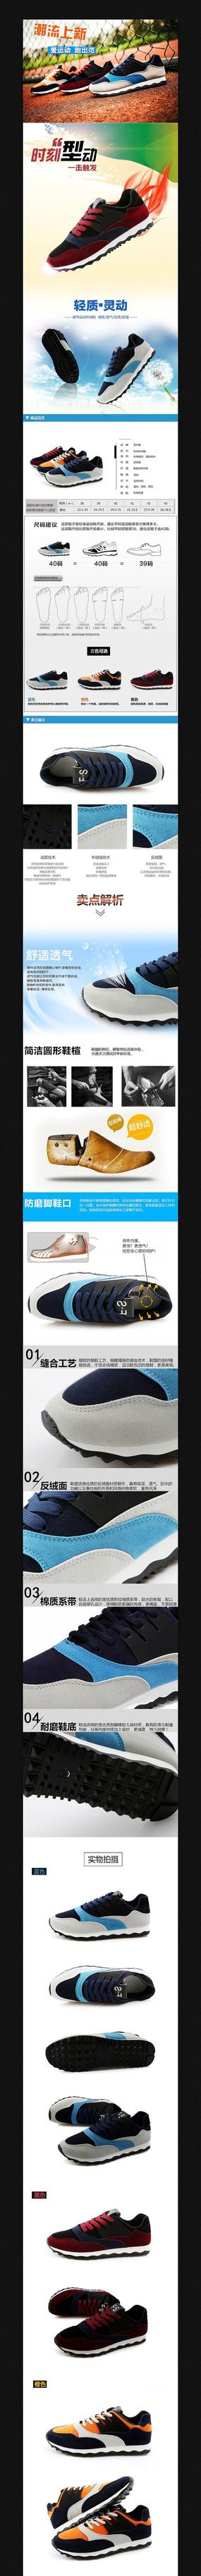 淘宝男鞋详情页细节描述模板